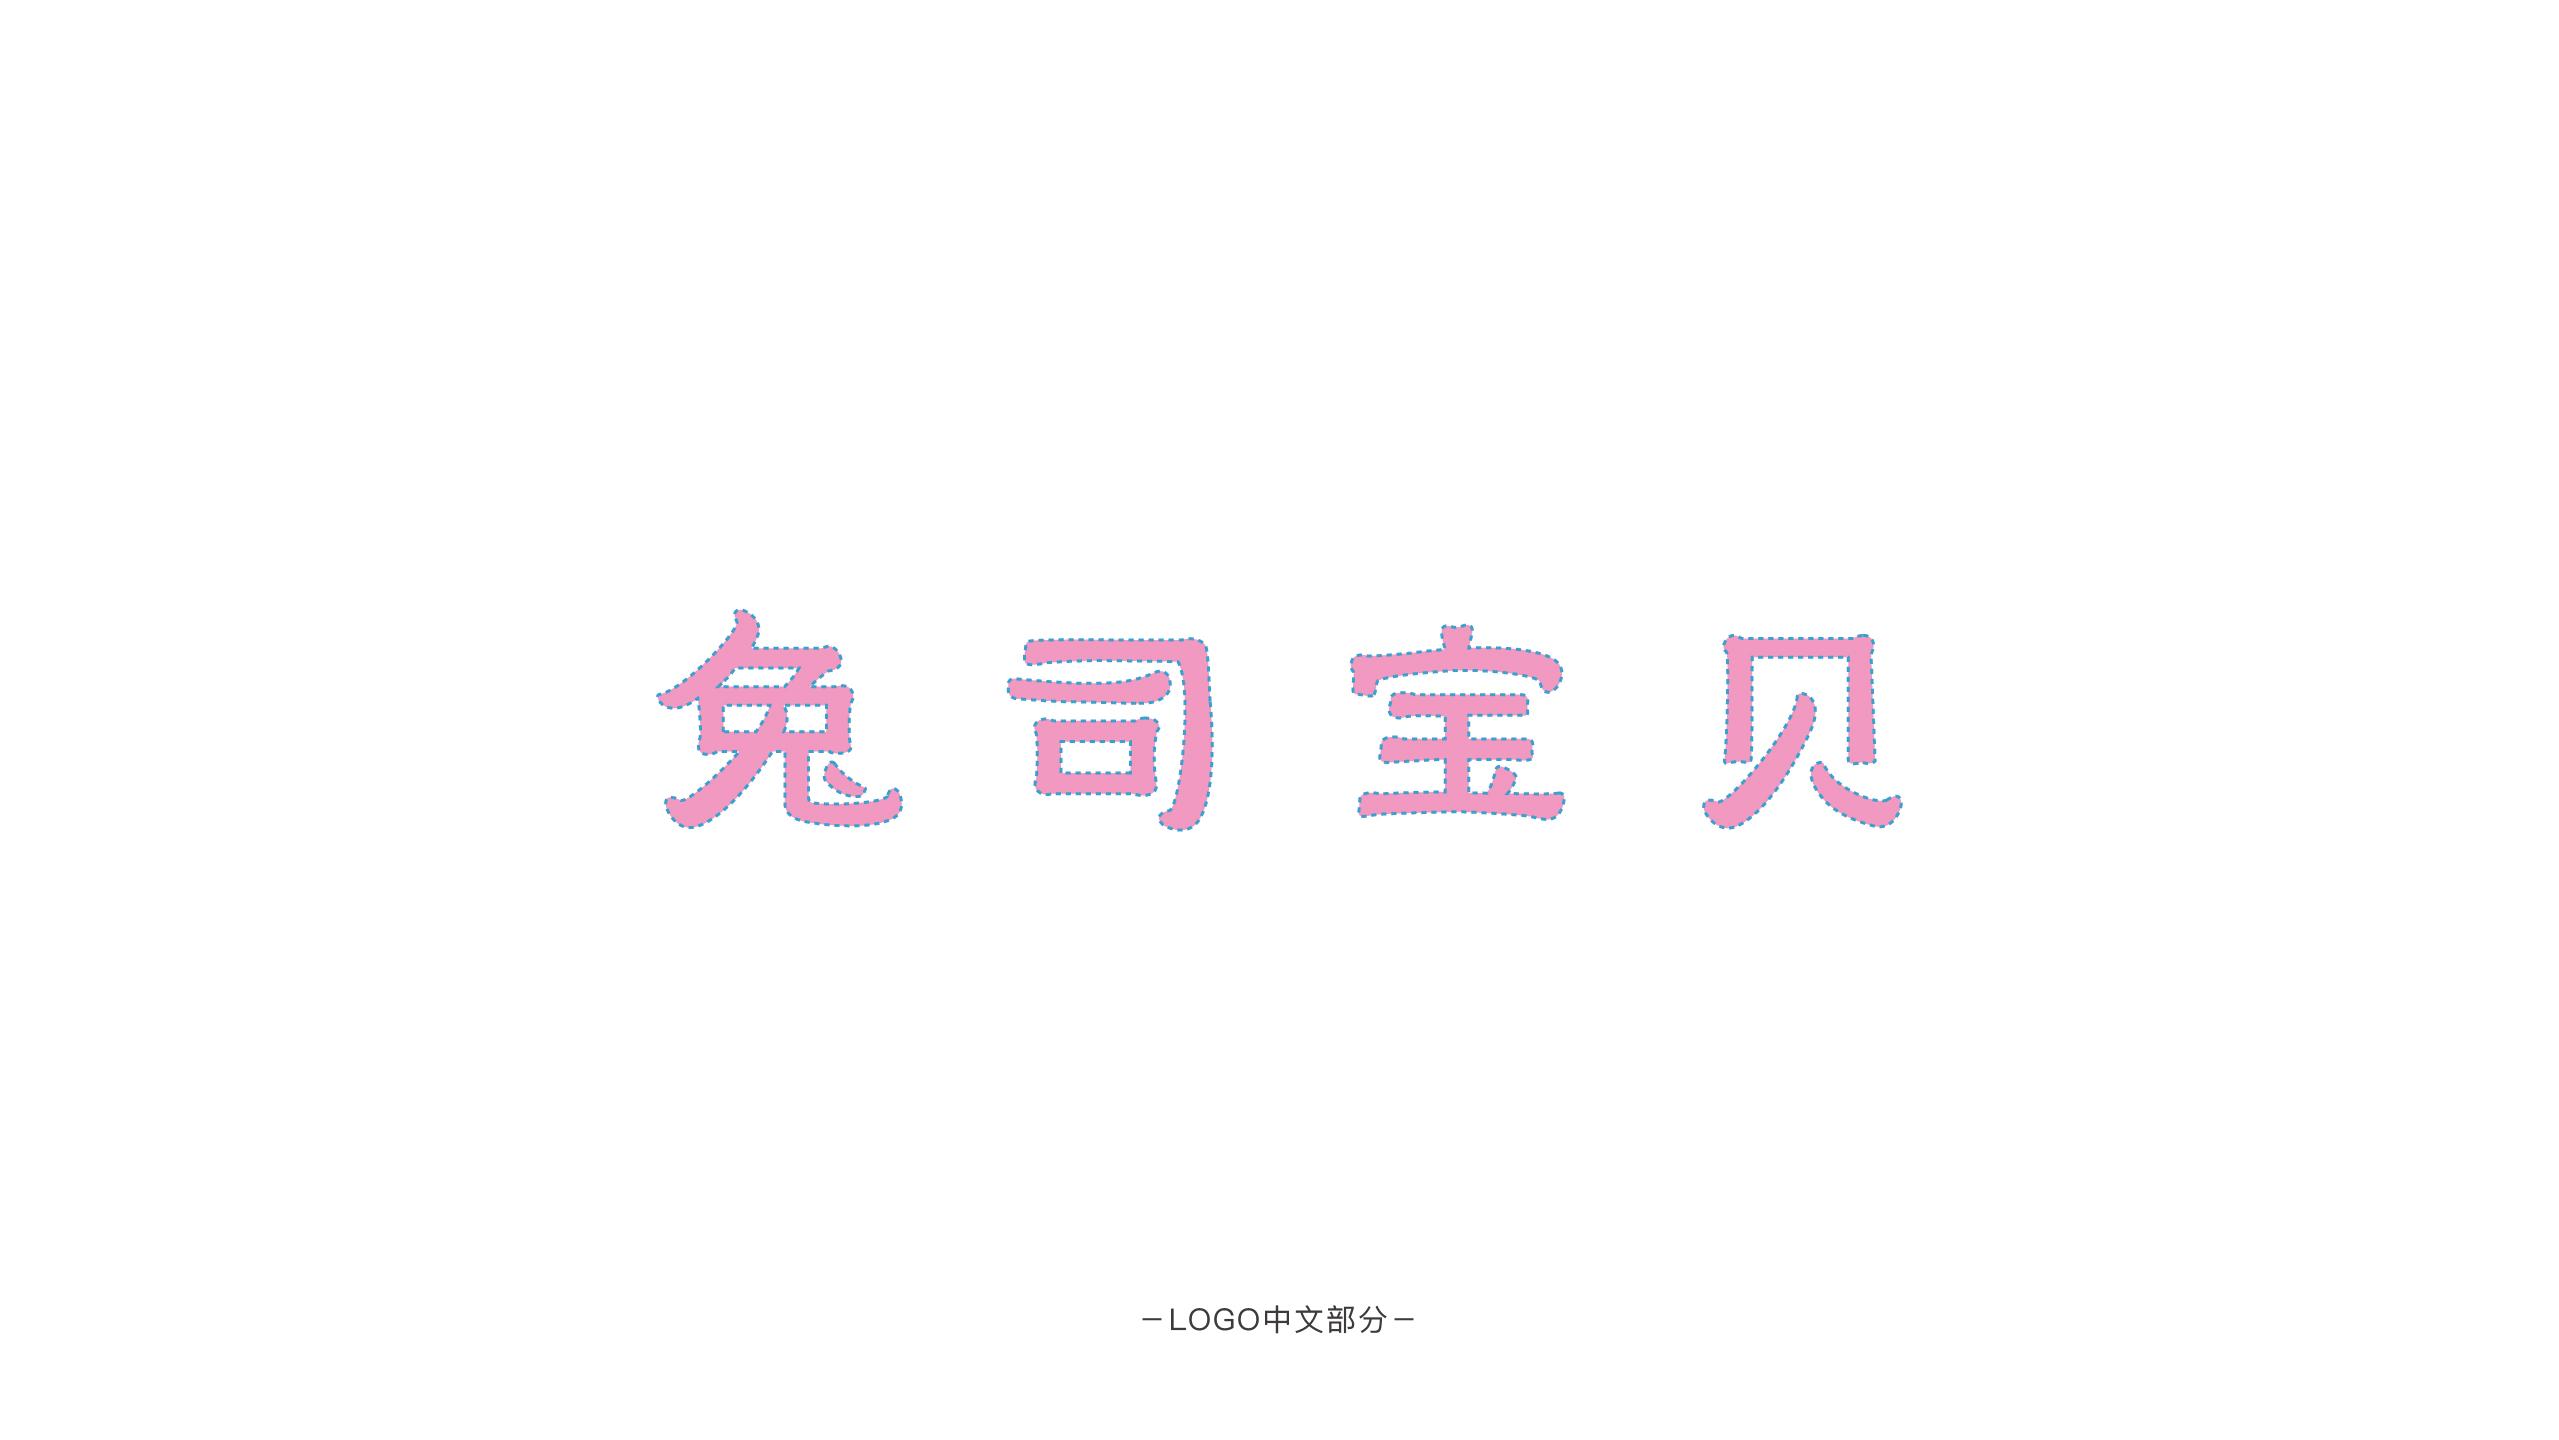 兔司宝贝儿童牙膏中文logo英超狼队球衣万博体育